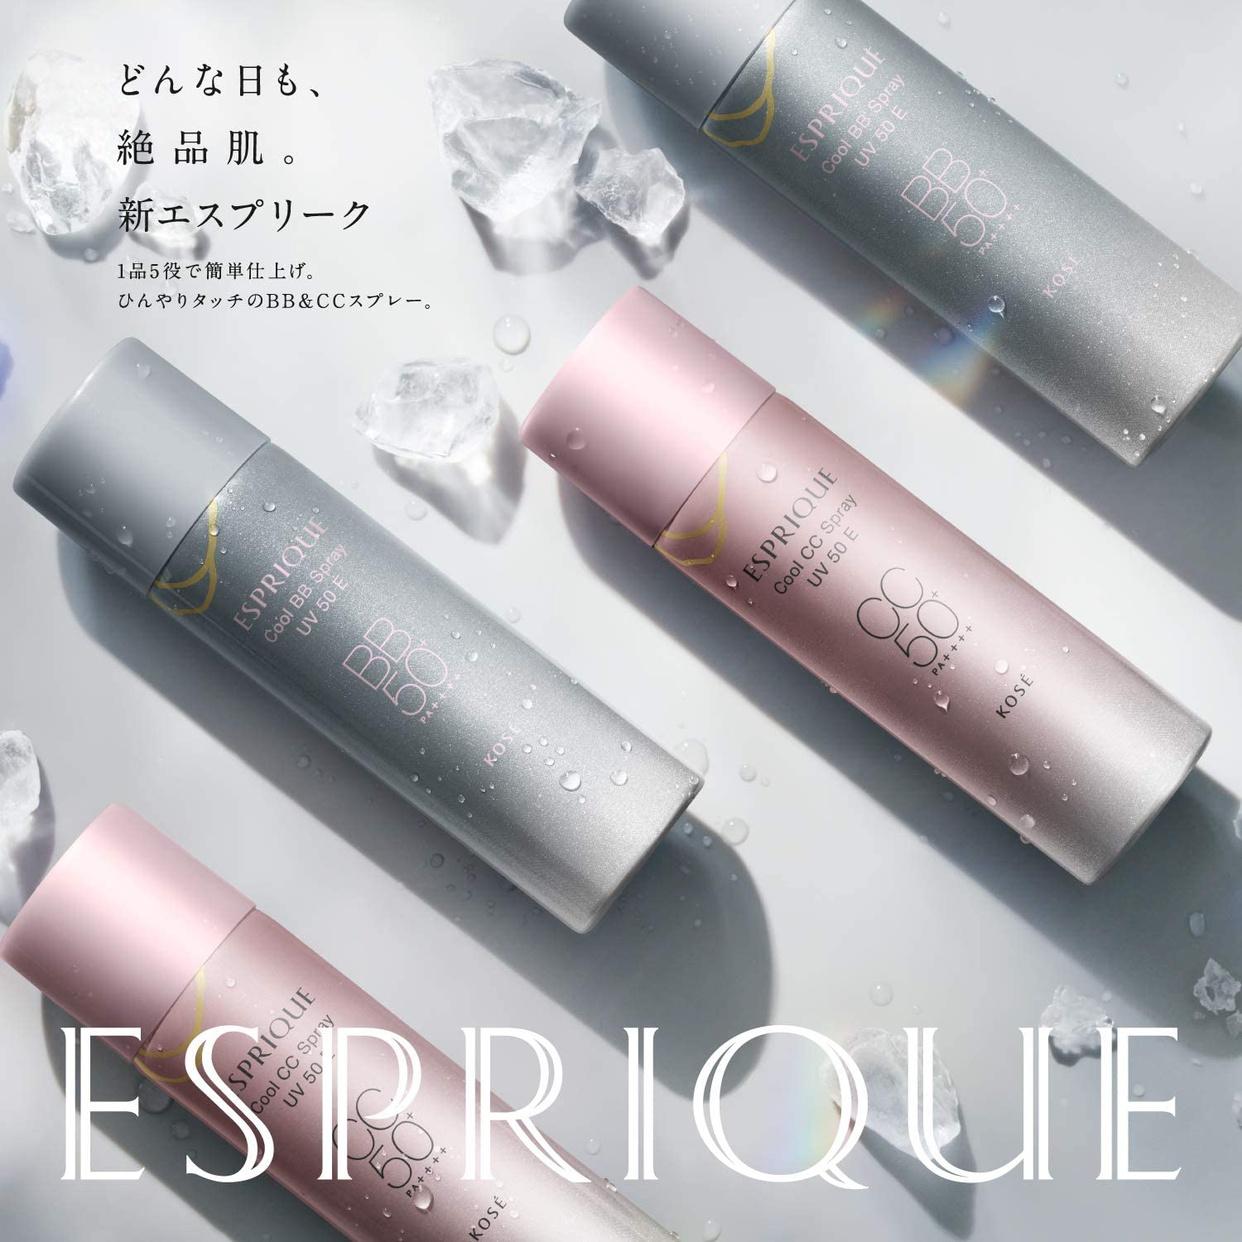 ESPRIQUE(エスプリーク) ひんやりタッチ CCスプレーの商品画像5